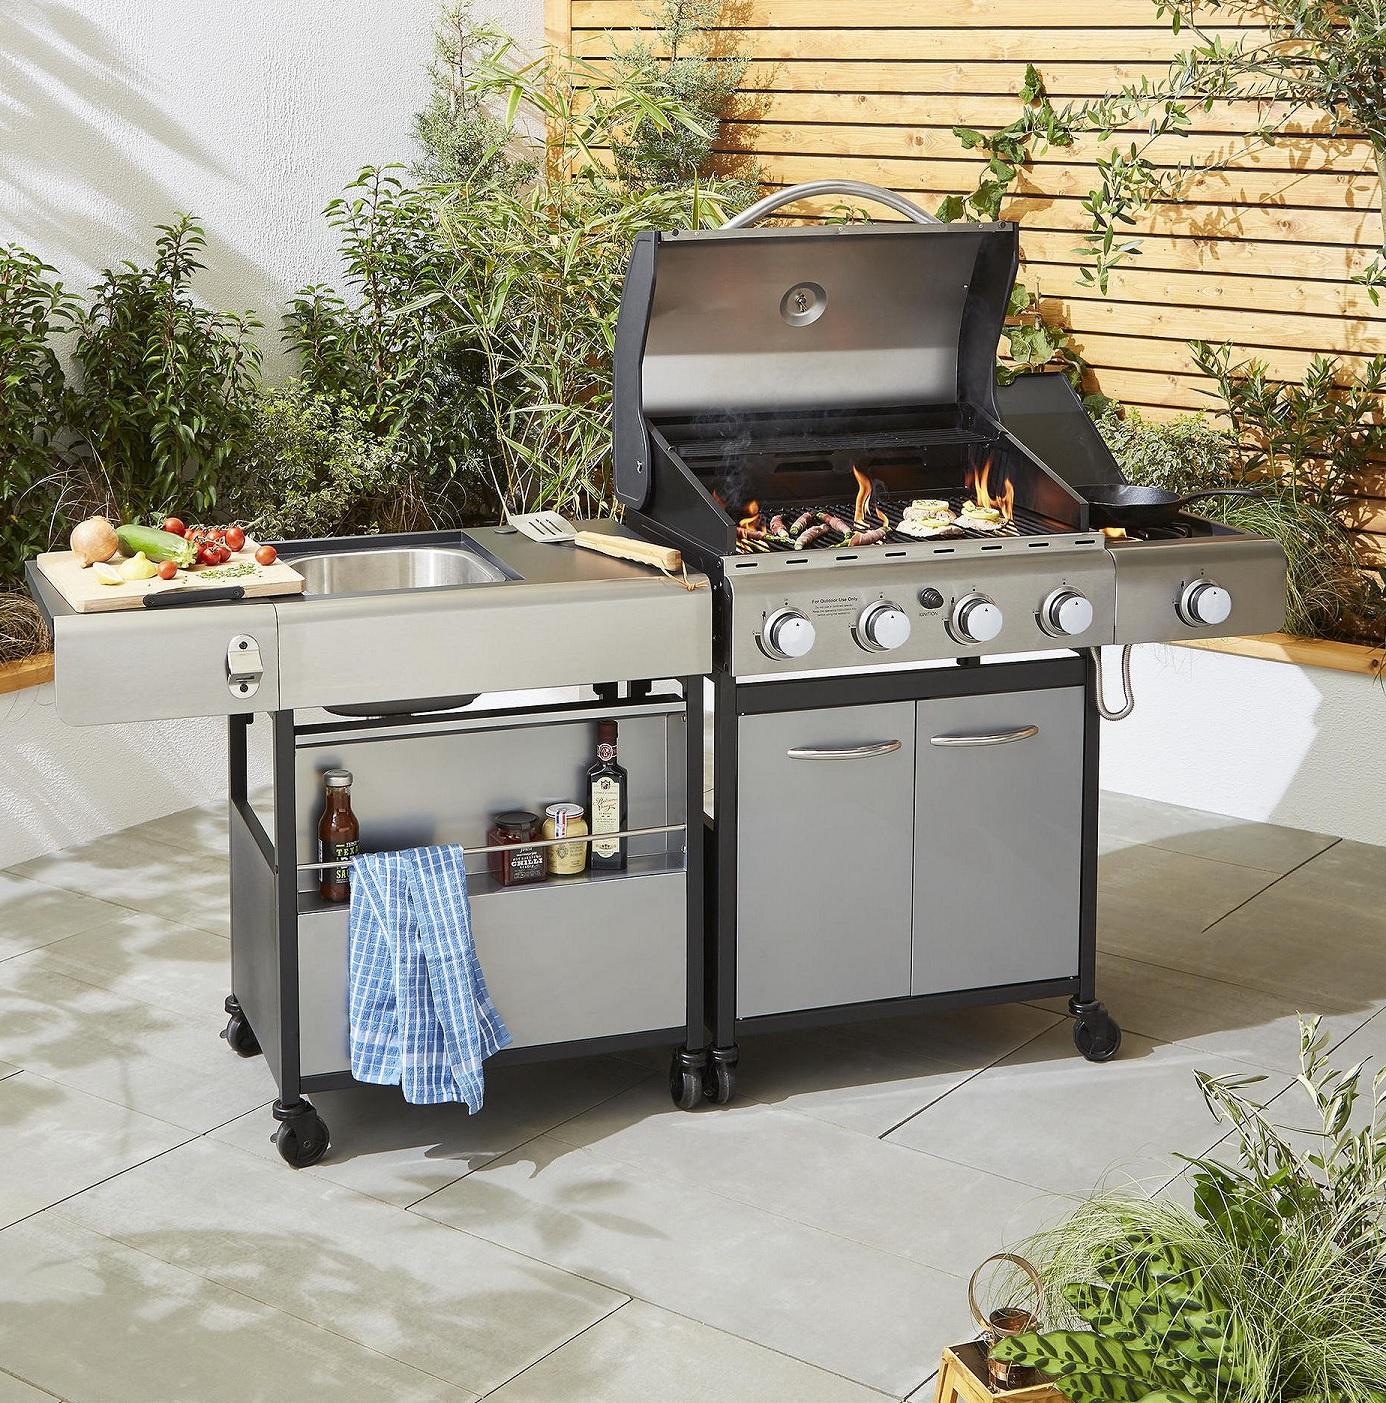 New tesco premium bbq add on unit outdoor kitchen sink for Outdoor bbq kitchen units